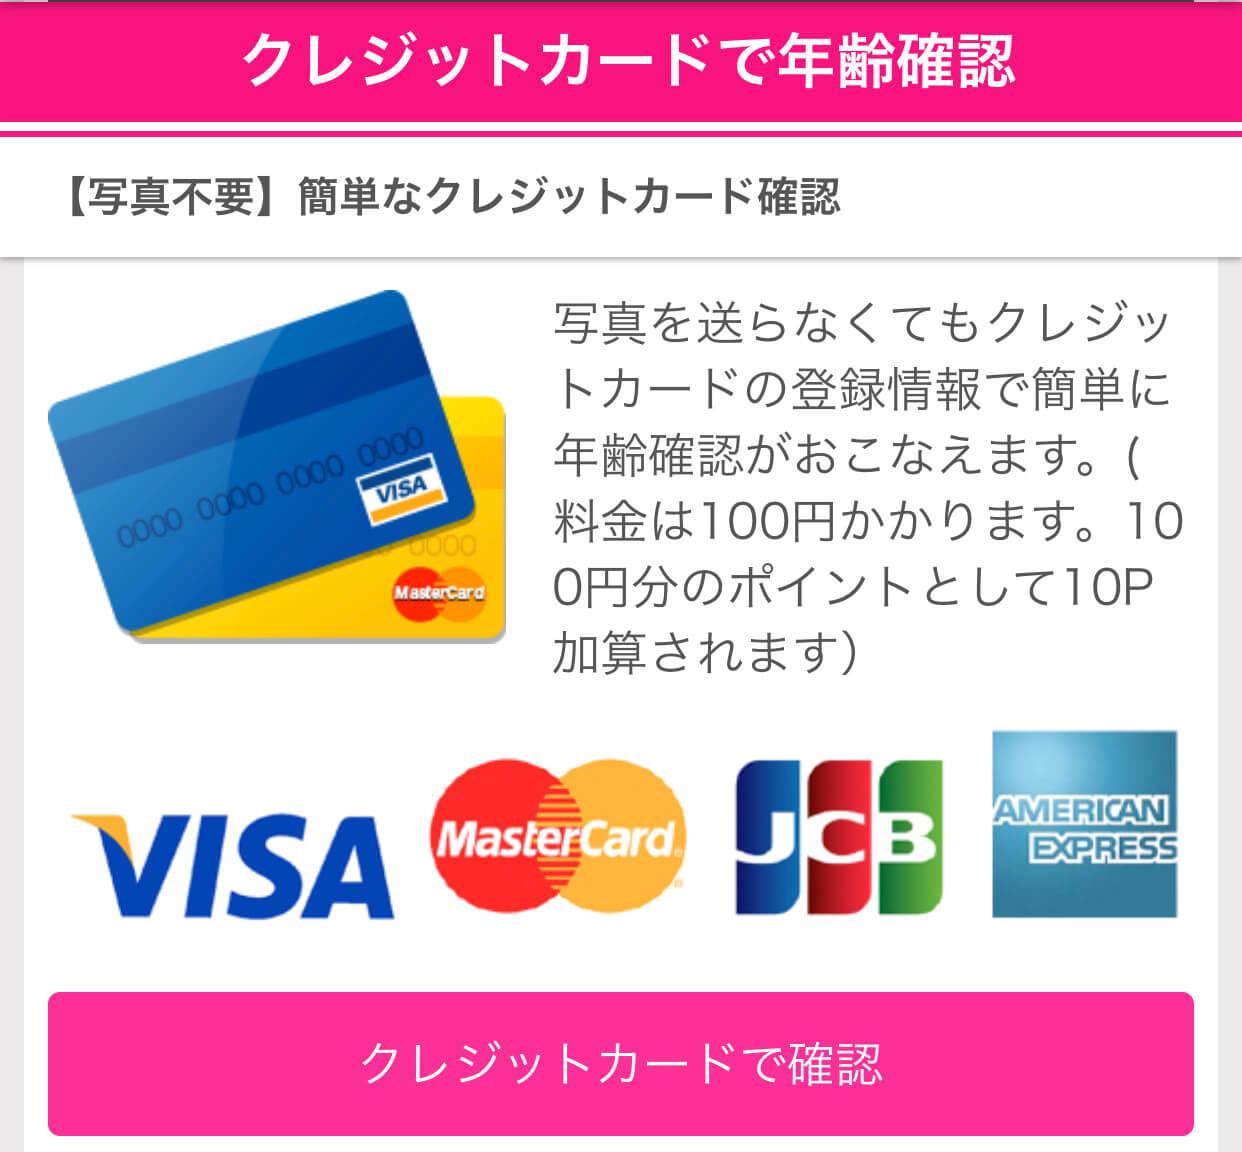 ワクワクメールのクレジットカードでの年齢認証